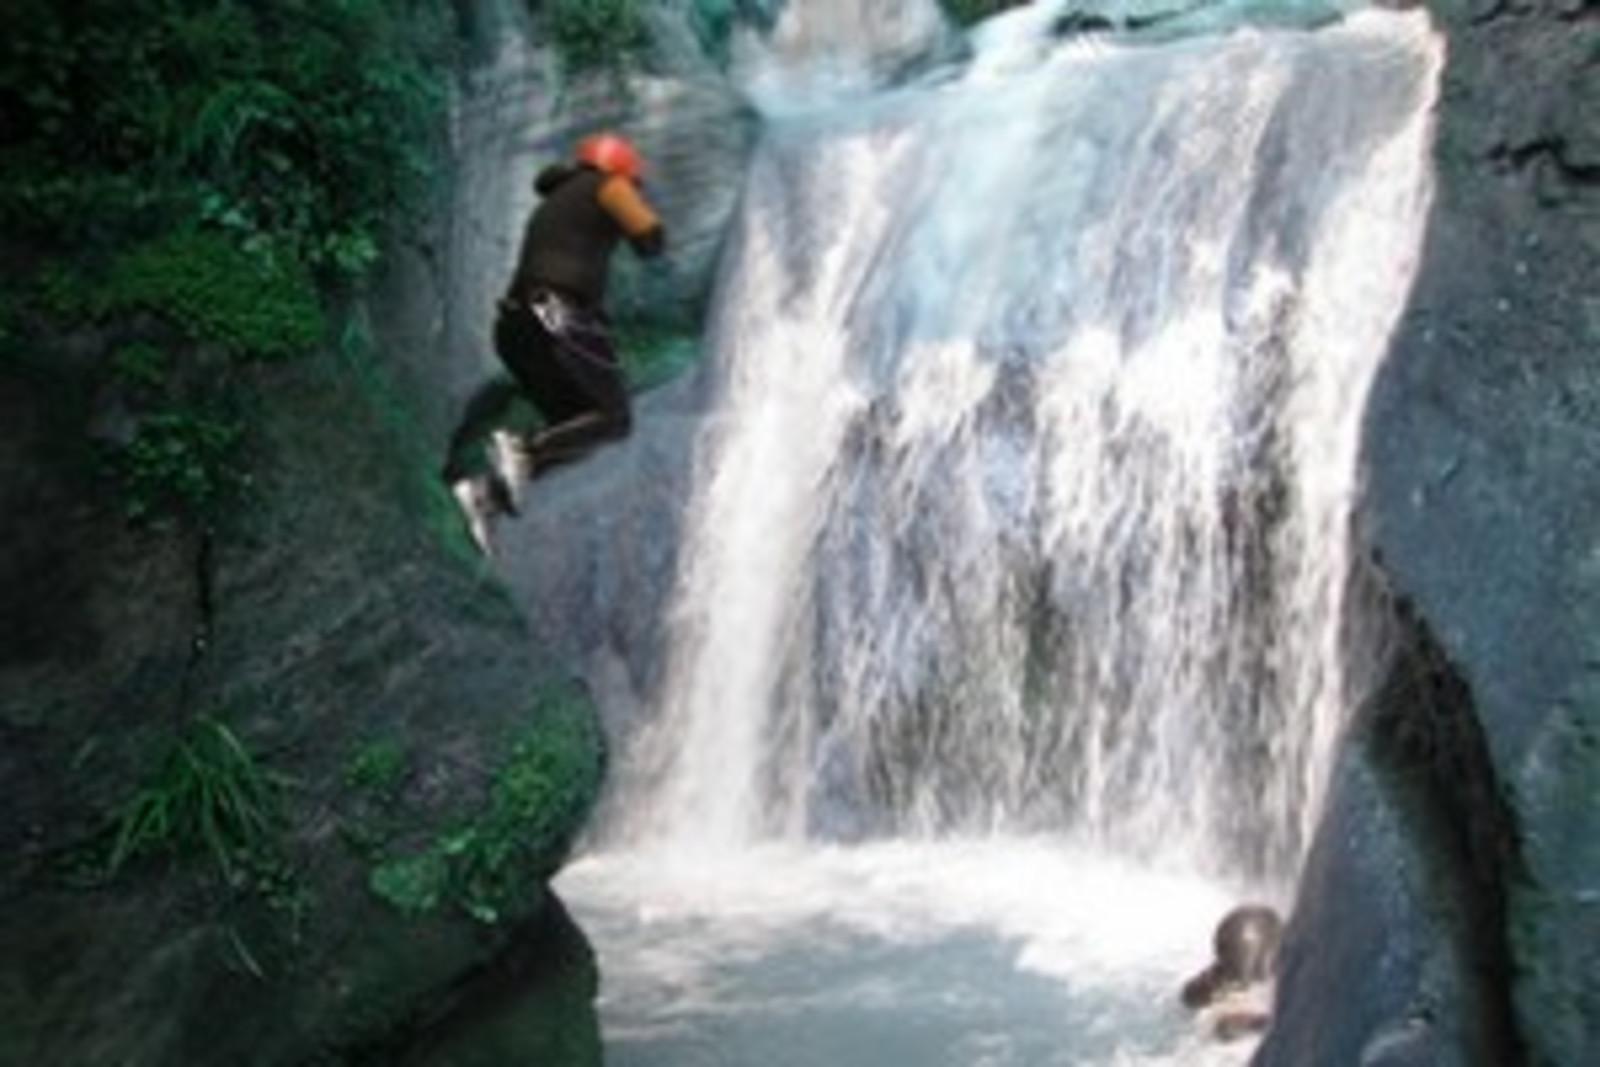 150 cascades vol 1 - 2 1